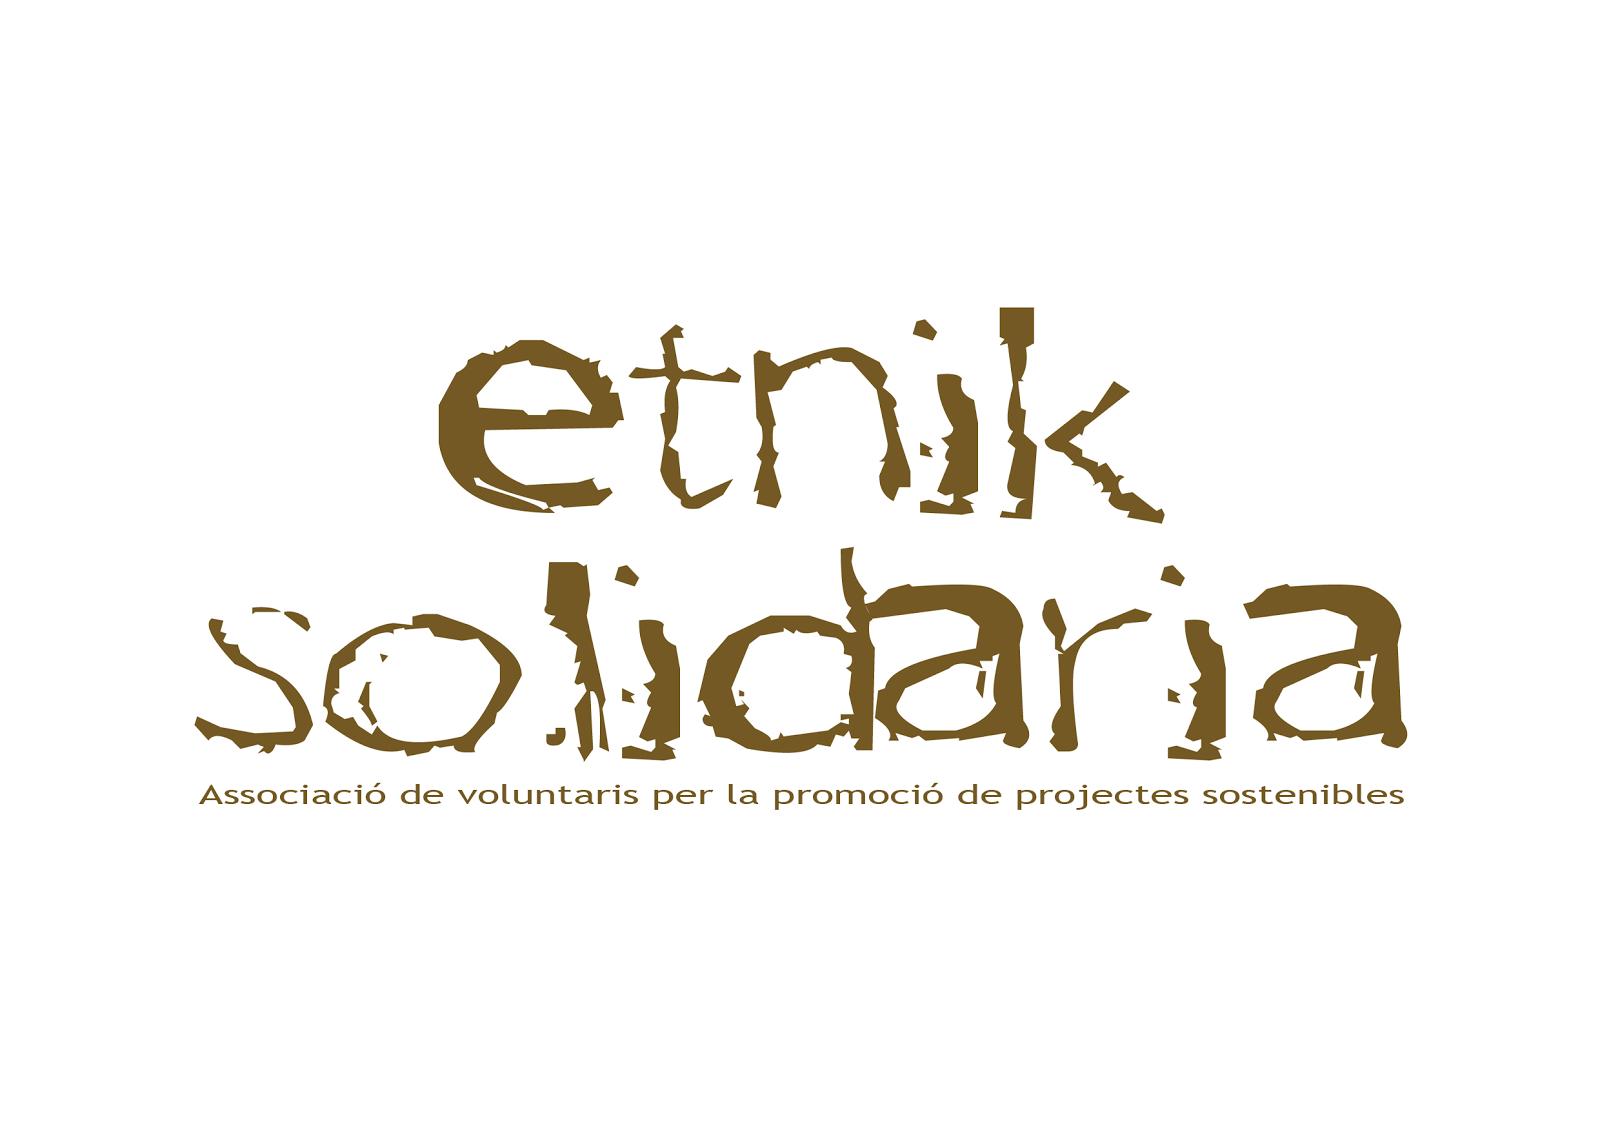 La cursa del vent amb etnik solidaria.